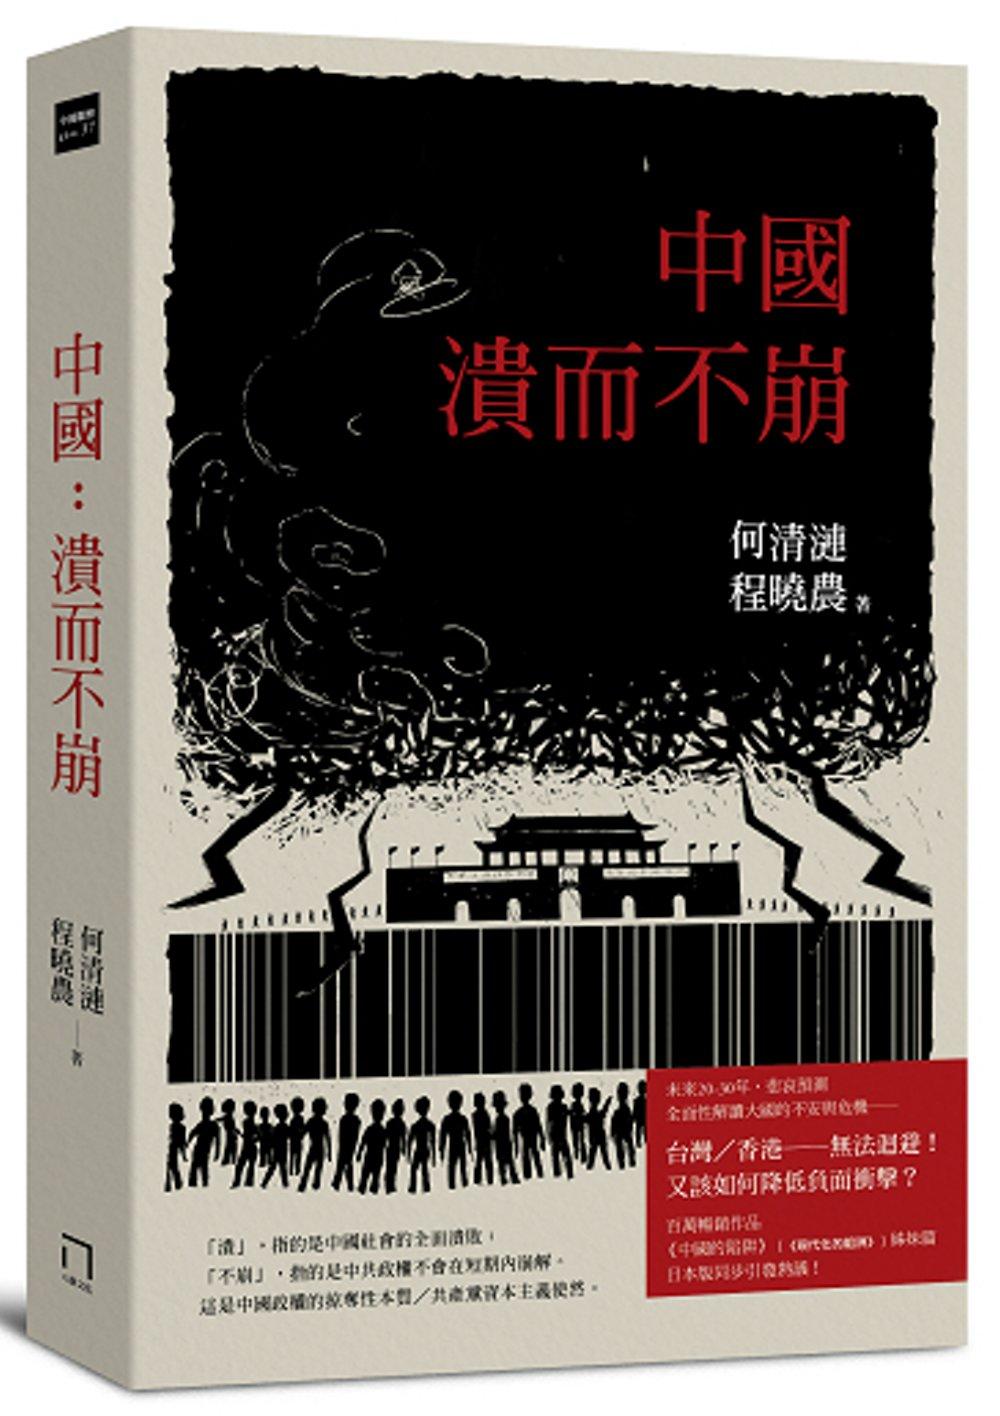 ◤博客來BOOKS◢ 暢銷書榜《推薦》中國:潰而不崩